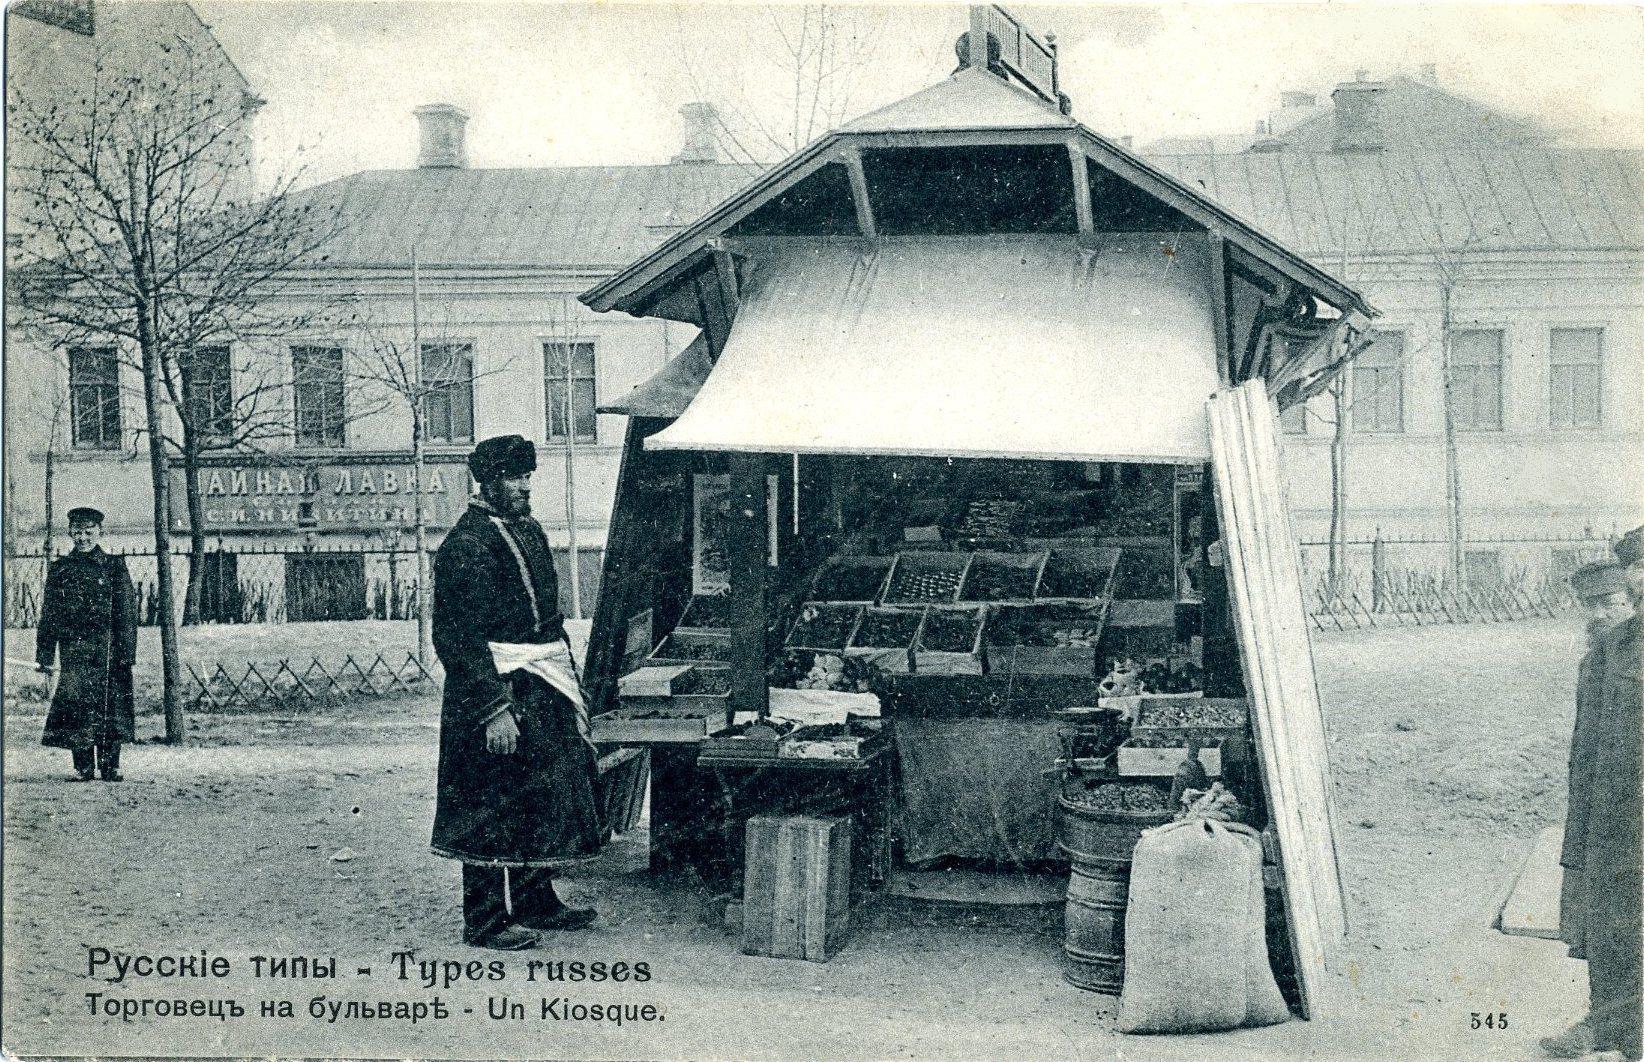 Торговец на бульваре